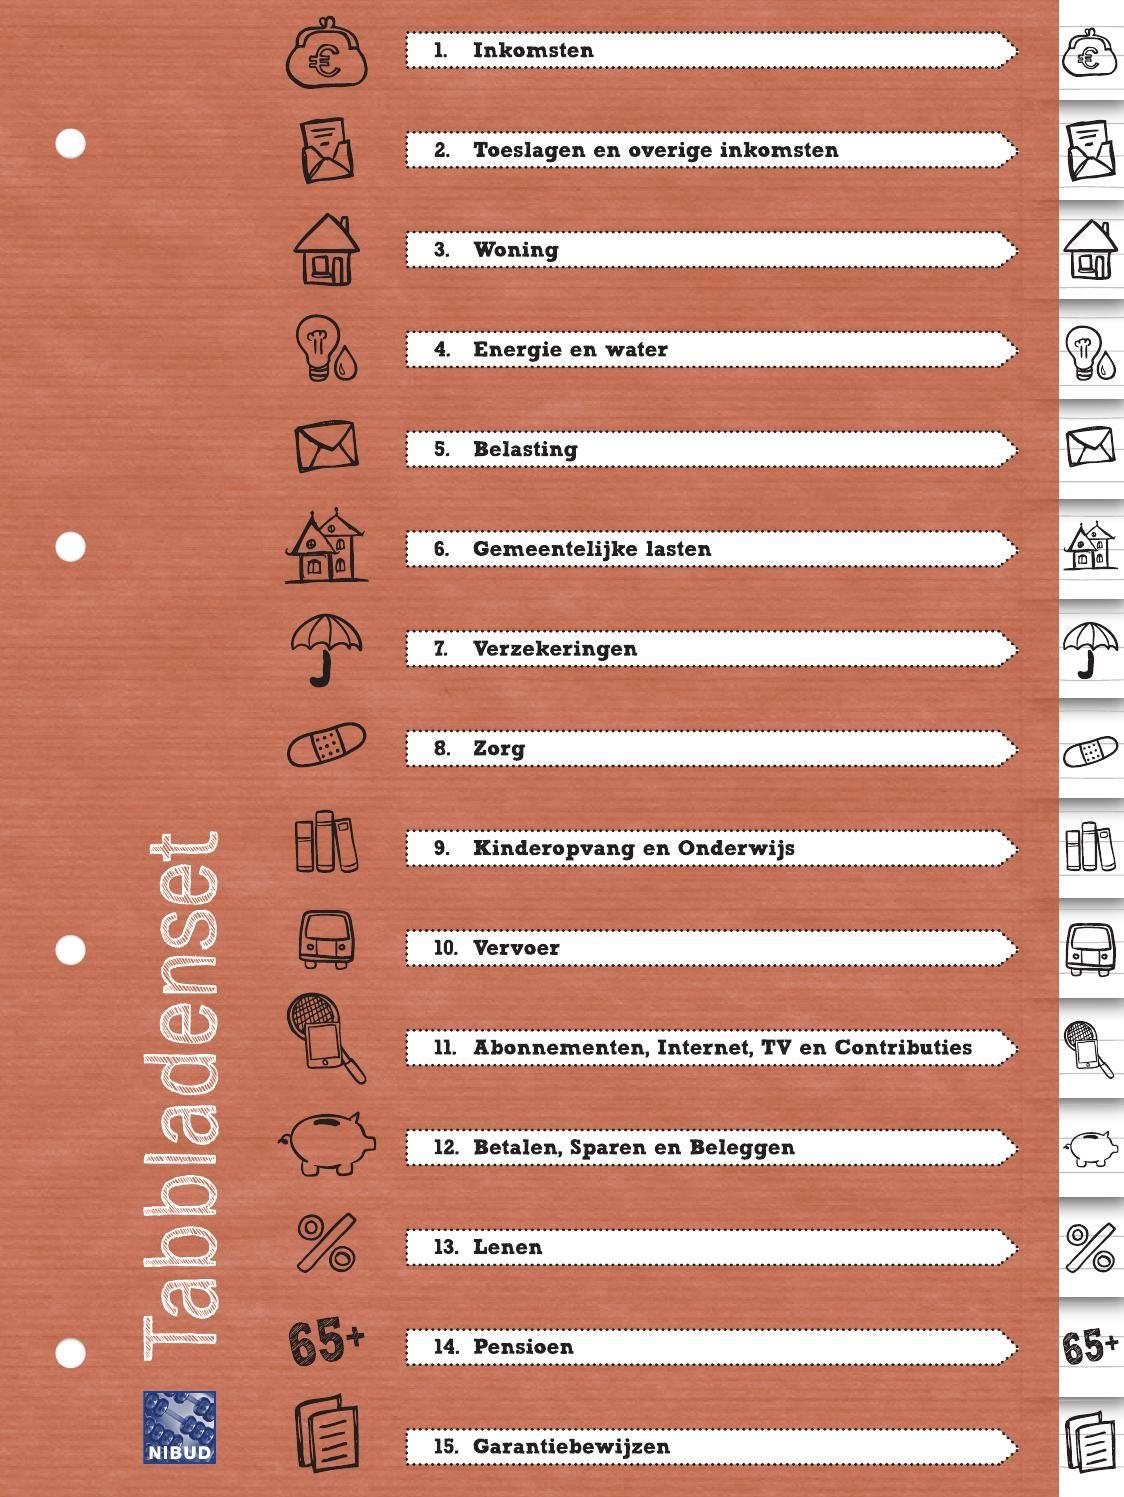 Wonderbaarlijk Nibud tabbladenset (met afbeeldingen) | Huis schoonmaken checklist FL-01